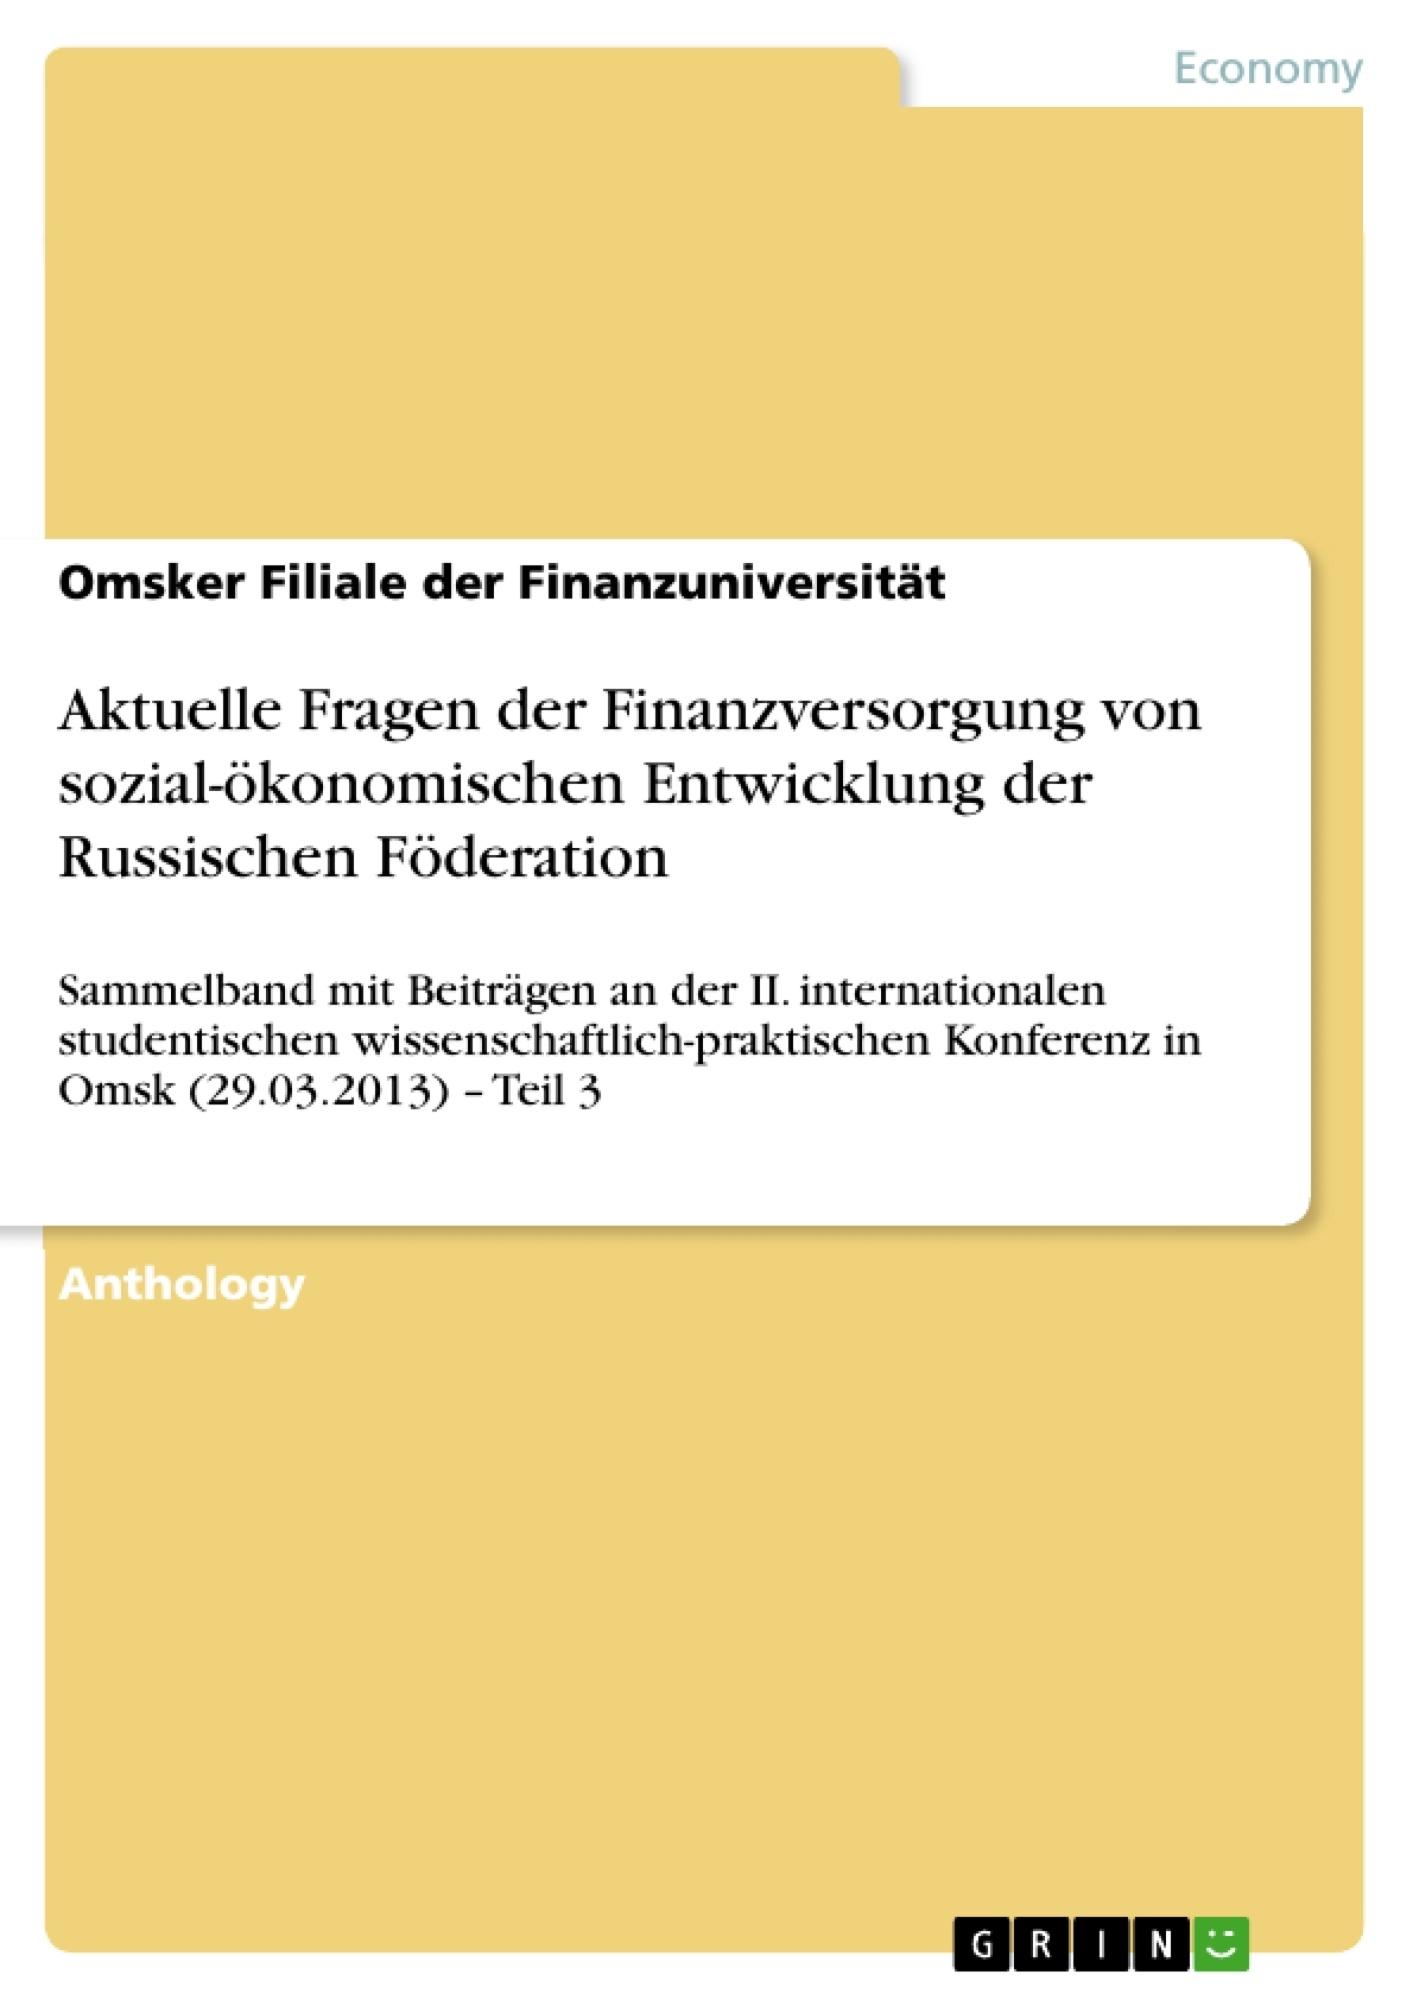 Title: Aktuelle Fragen der Finanzversorgung von sozial-ökonomischen Entwicklung der Russischen Föderation